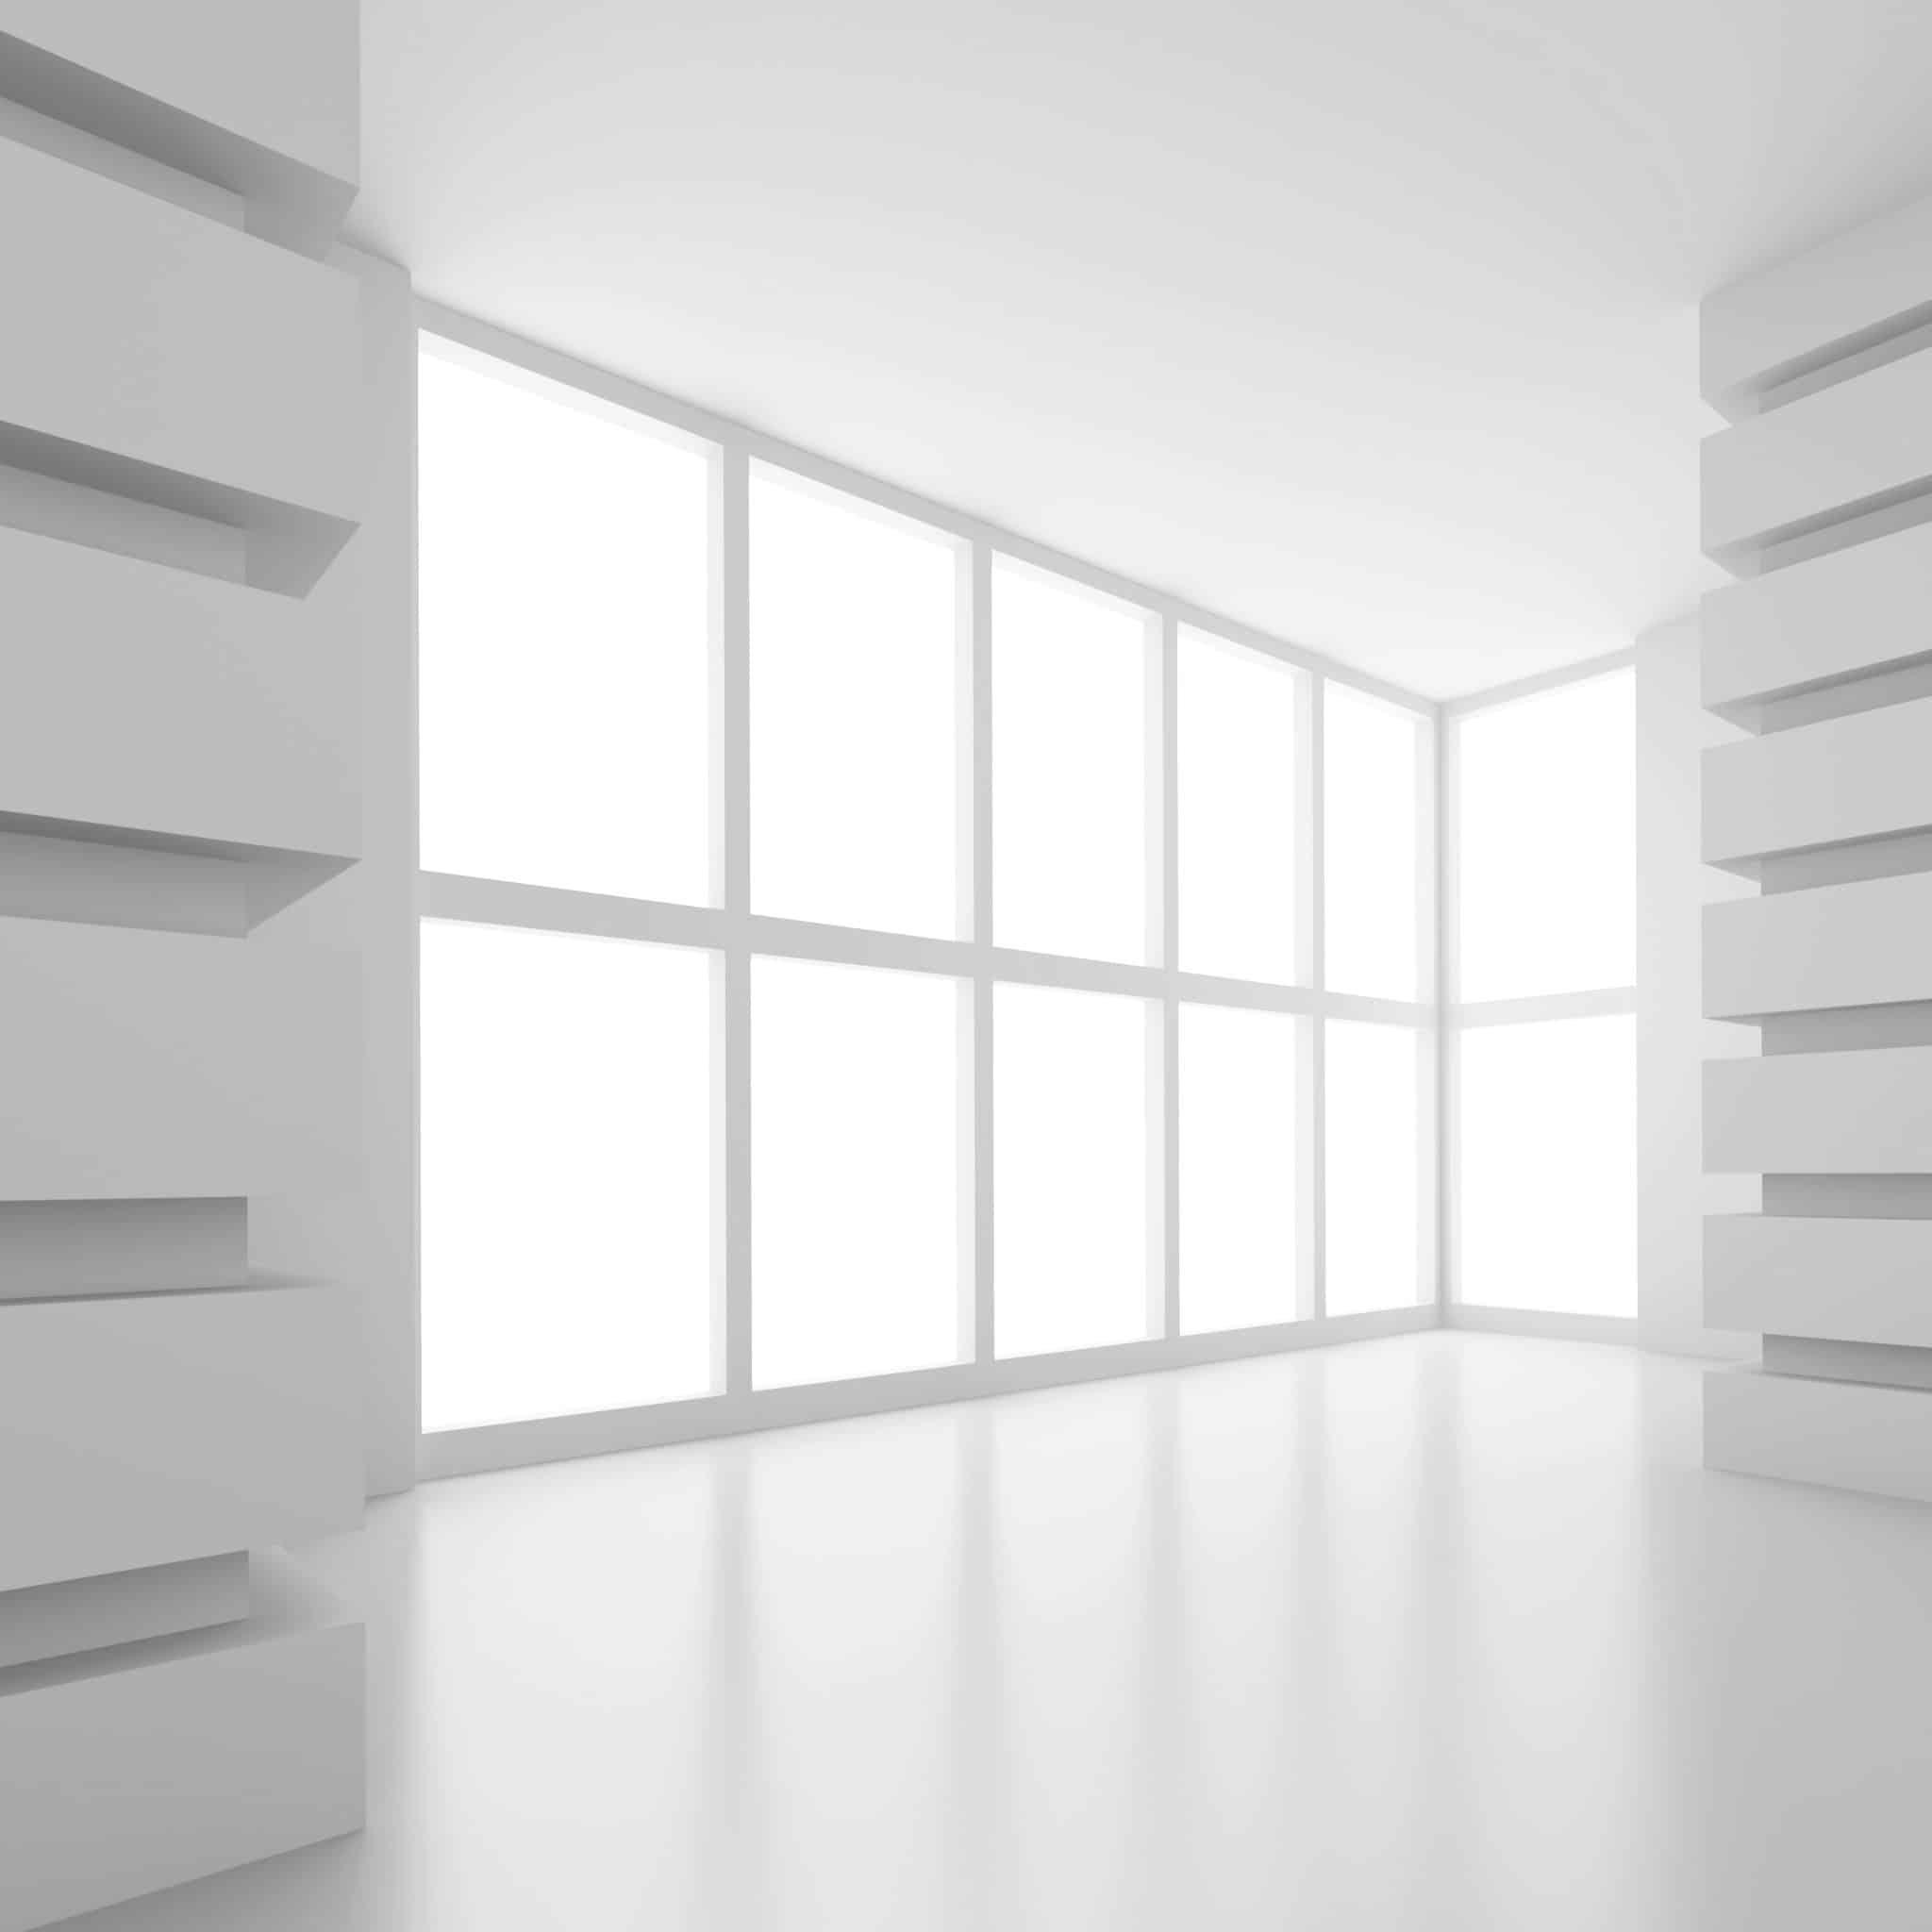 Estudio de luz y energía - Panel de policarbonato